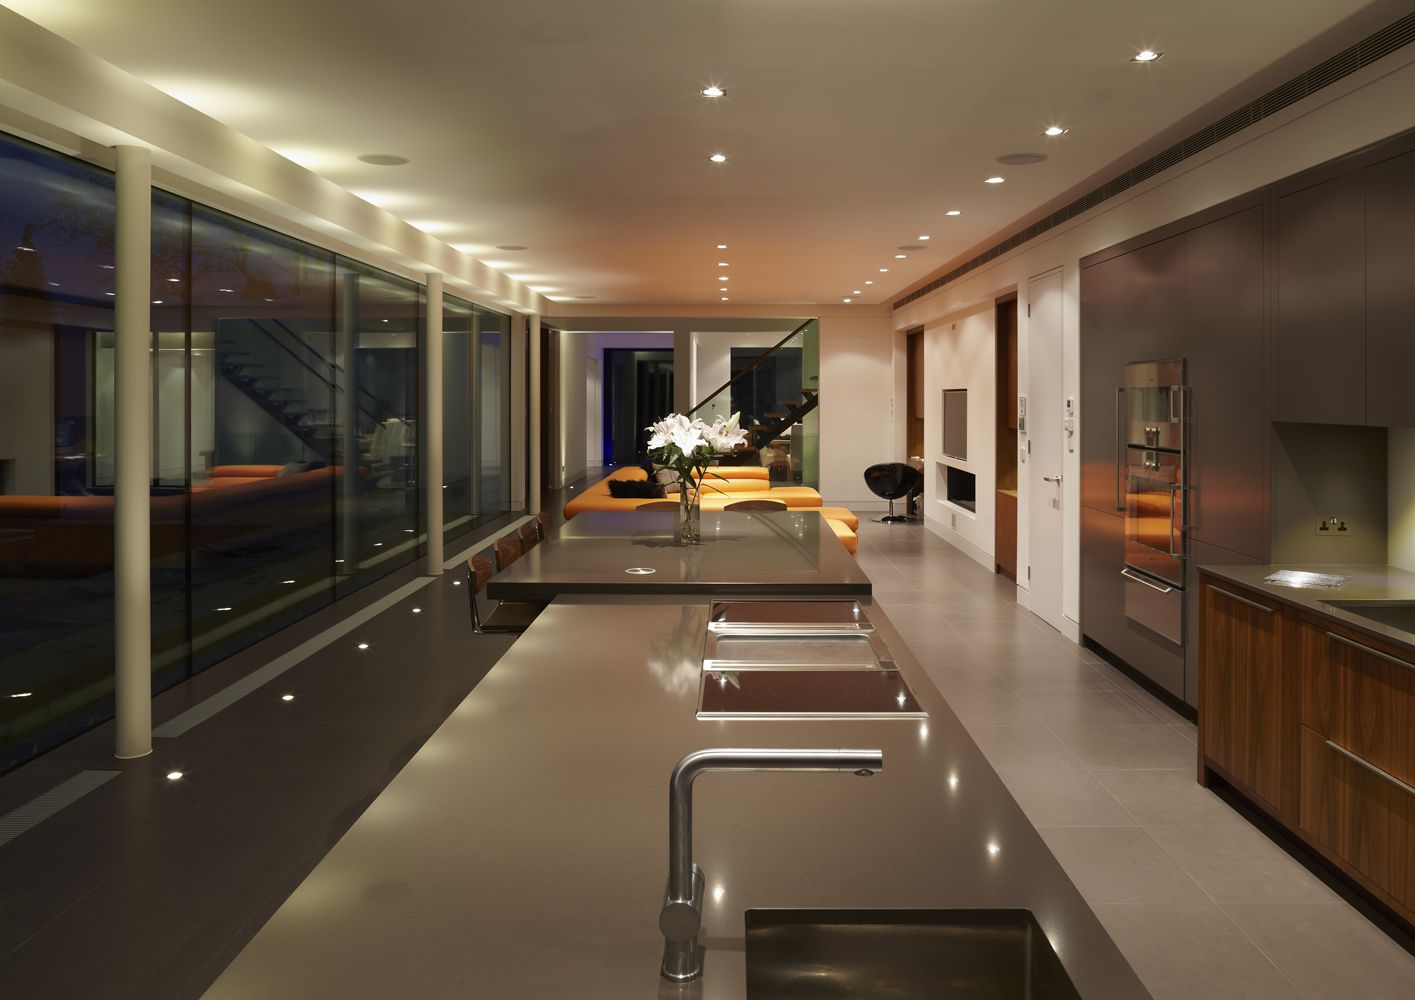 51b9e76cb3fc4bd12a00000e_white-lodge-dyergrimes-architects_wl12logan